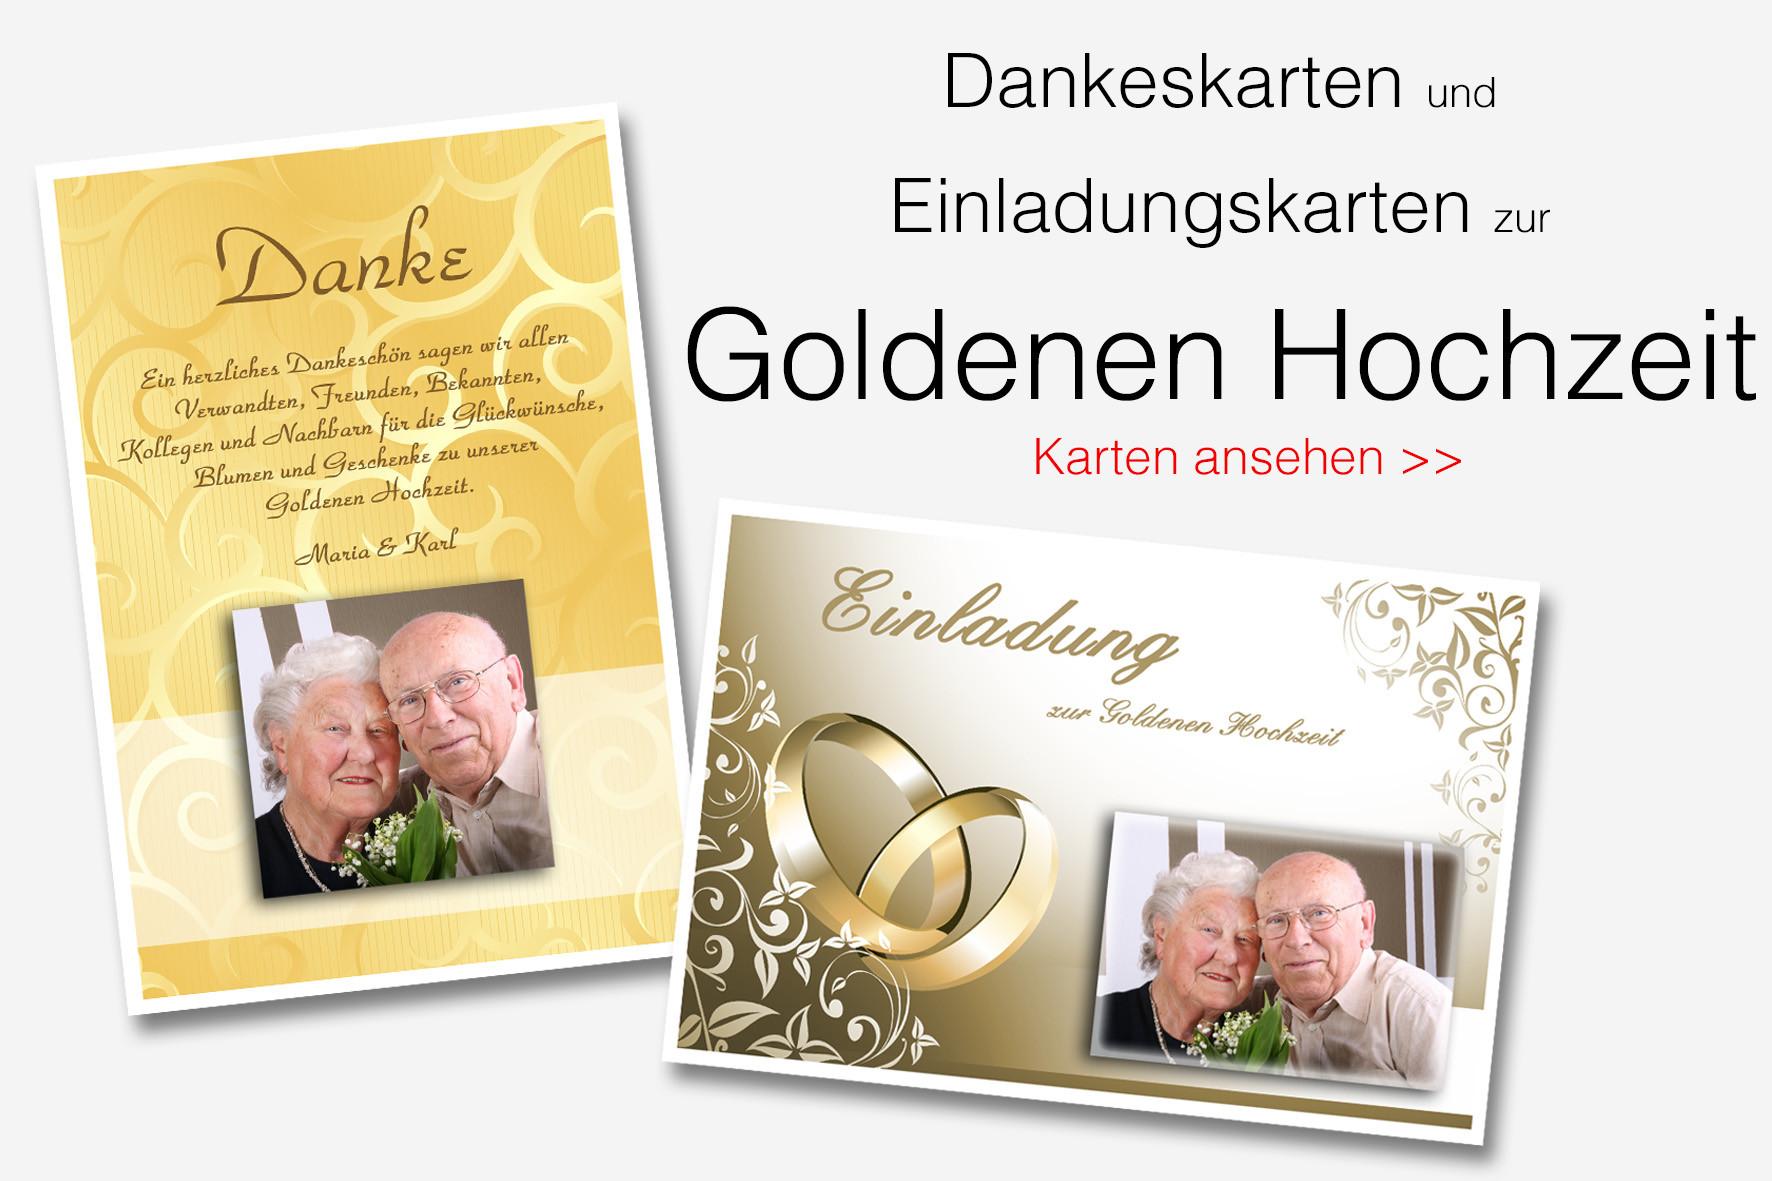 Einladungskarten Zur Goldenen Hochzeit  Danksagungen Dankeskarten & Einladungen bestellen